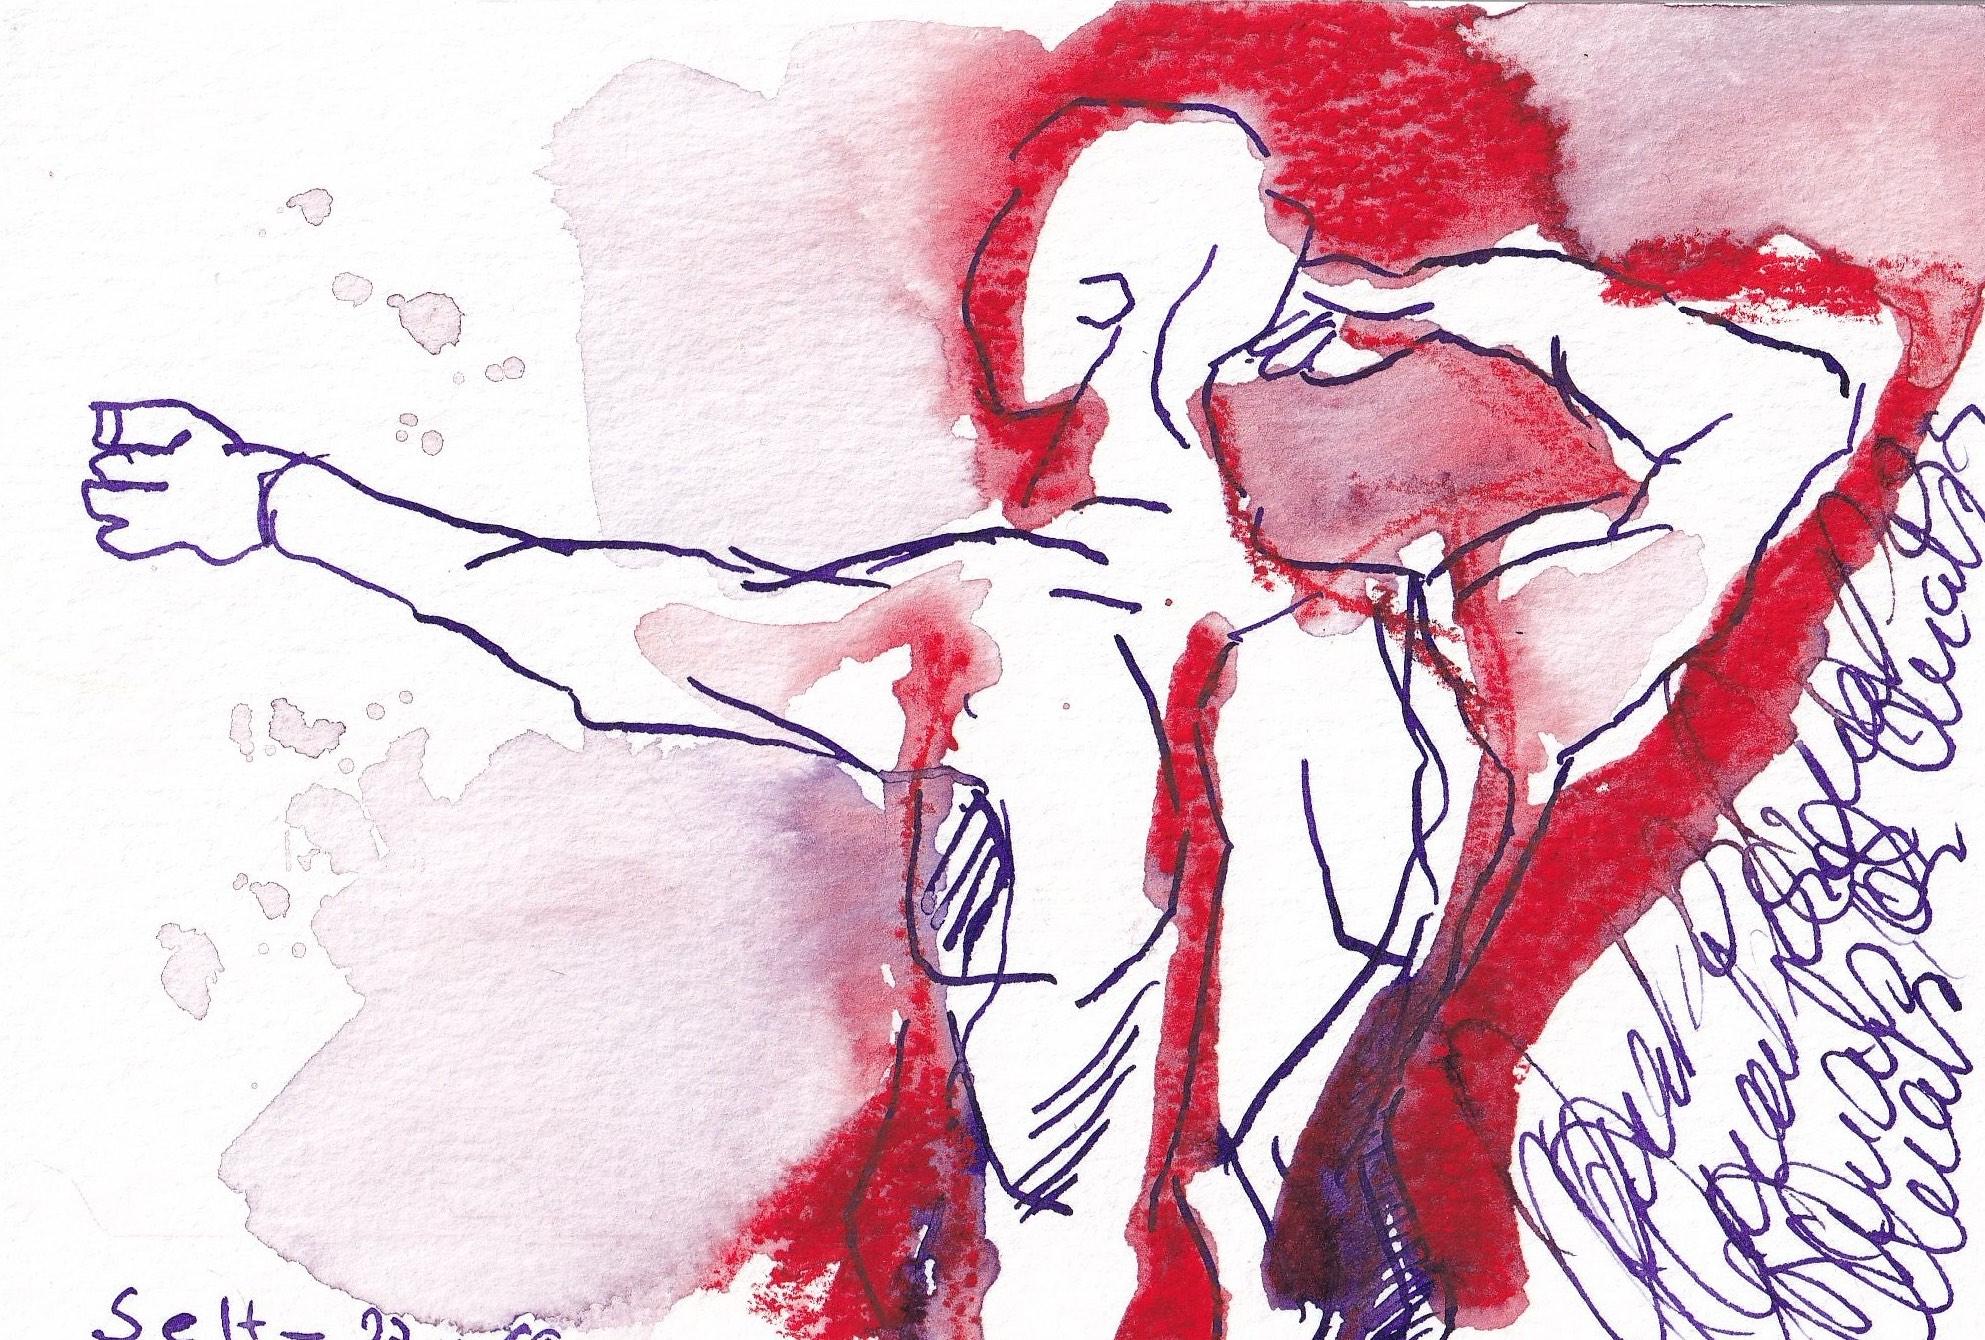 Inspiriert von der Weihnachts-Amaryllis, 13 x 18 cm, Tusche auf Aquarellkarton, Zeichnung von Susanne Haun (c) VG Bild-Kunst, Bonn 2019